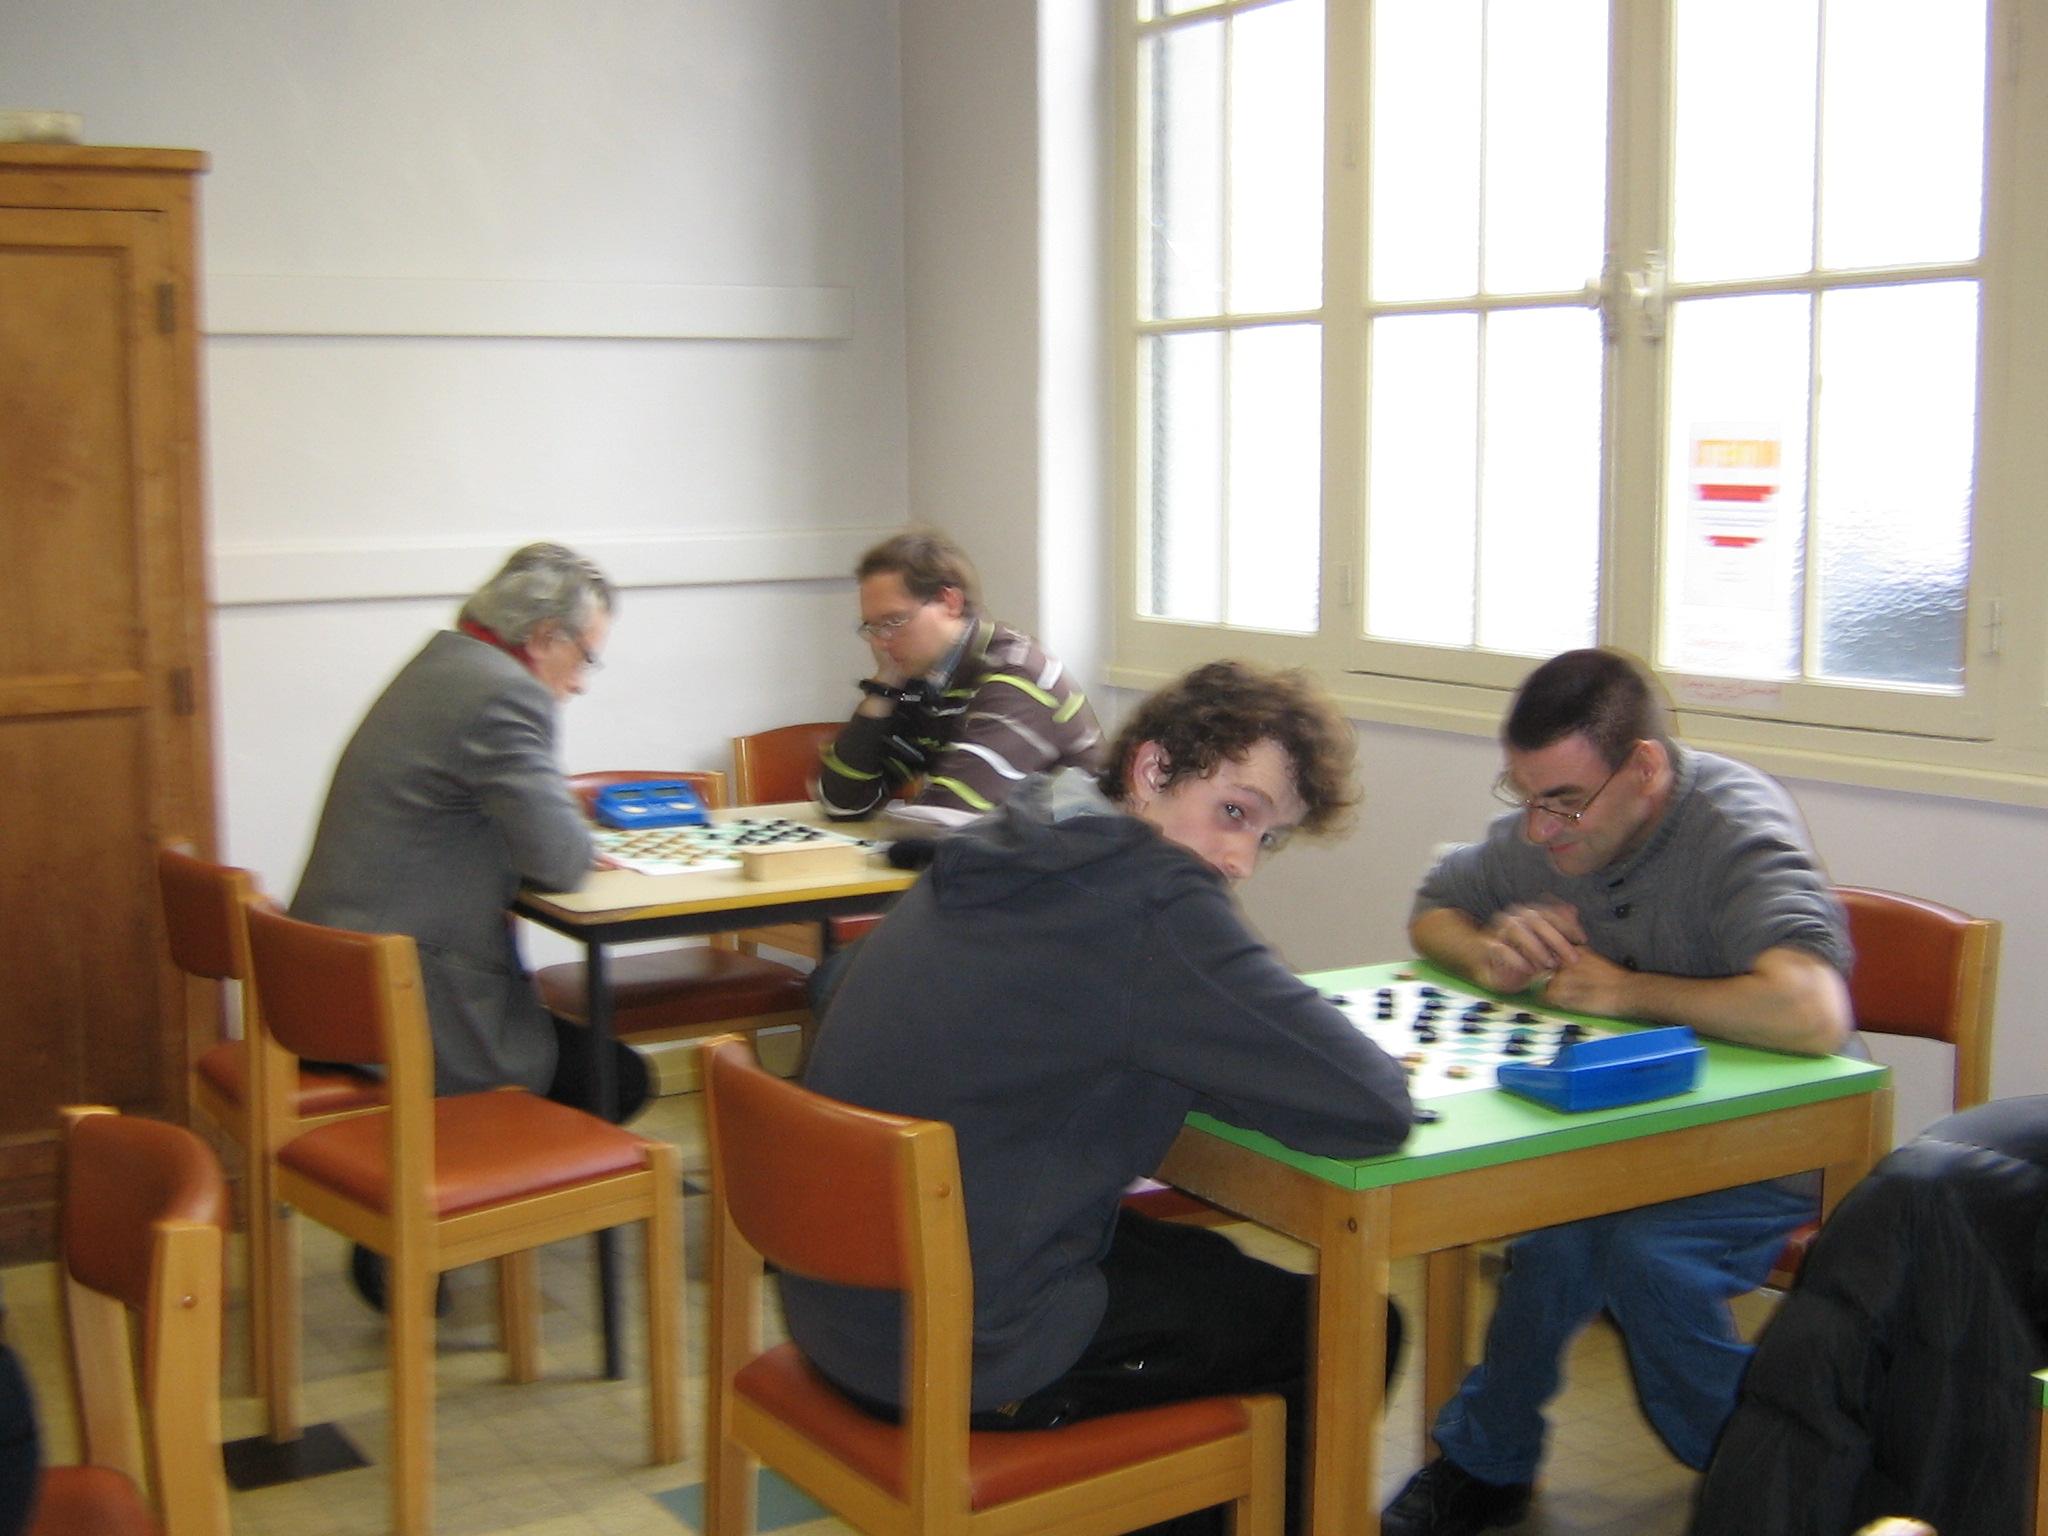 Franck;Patrick;Charles; Gregory